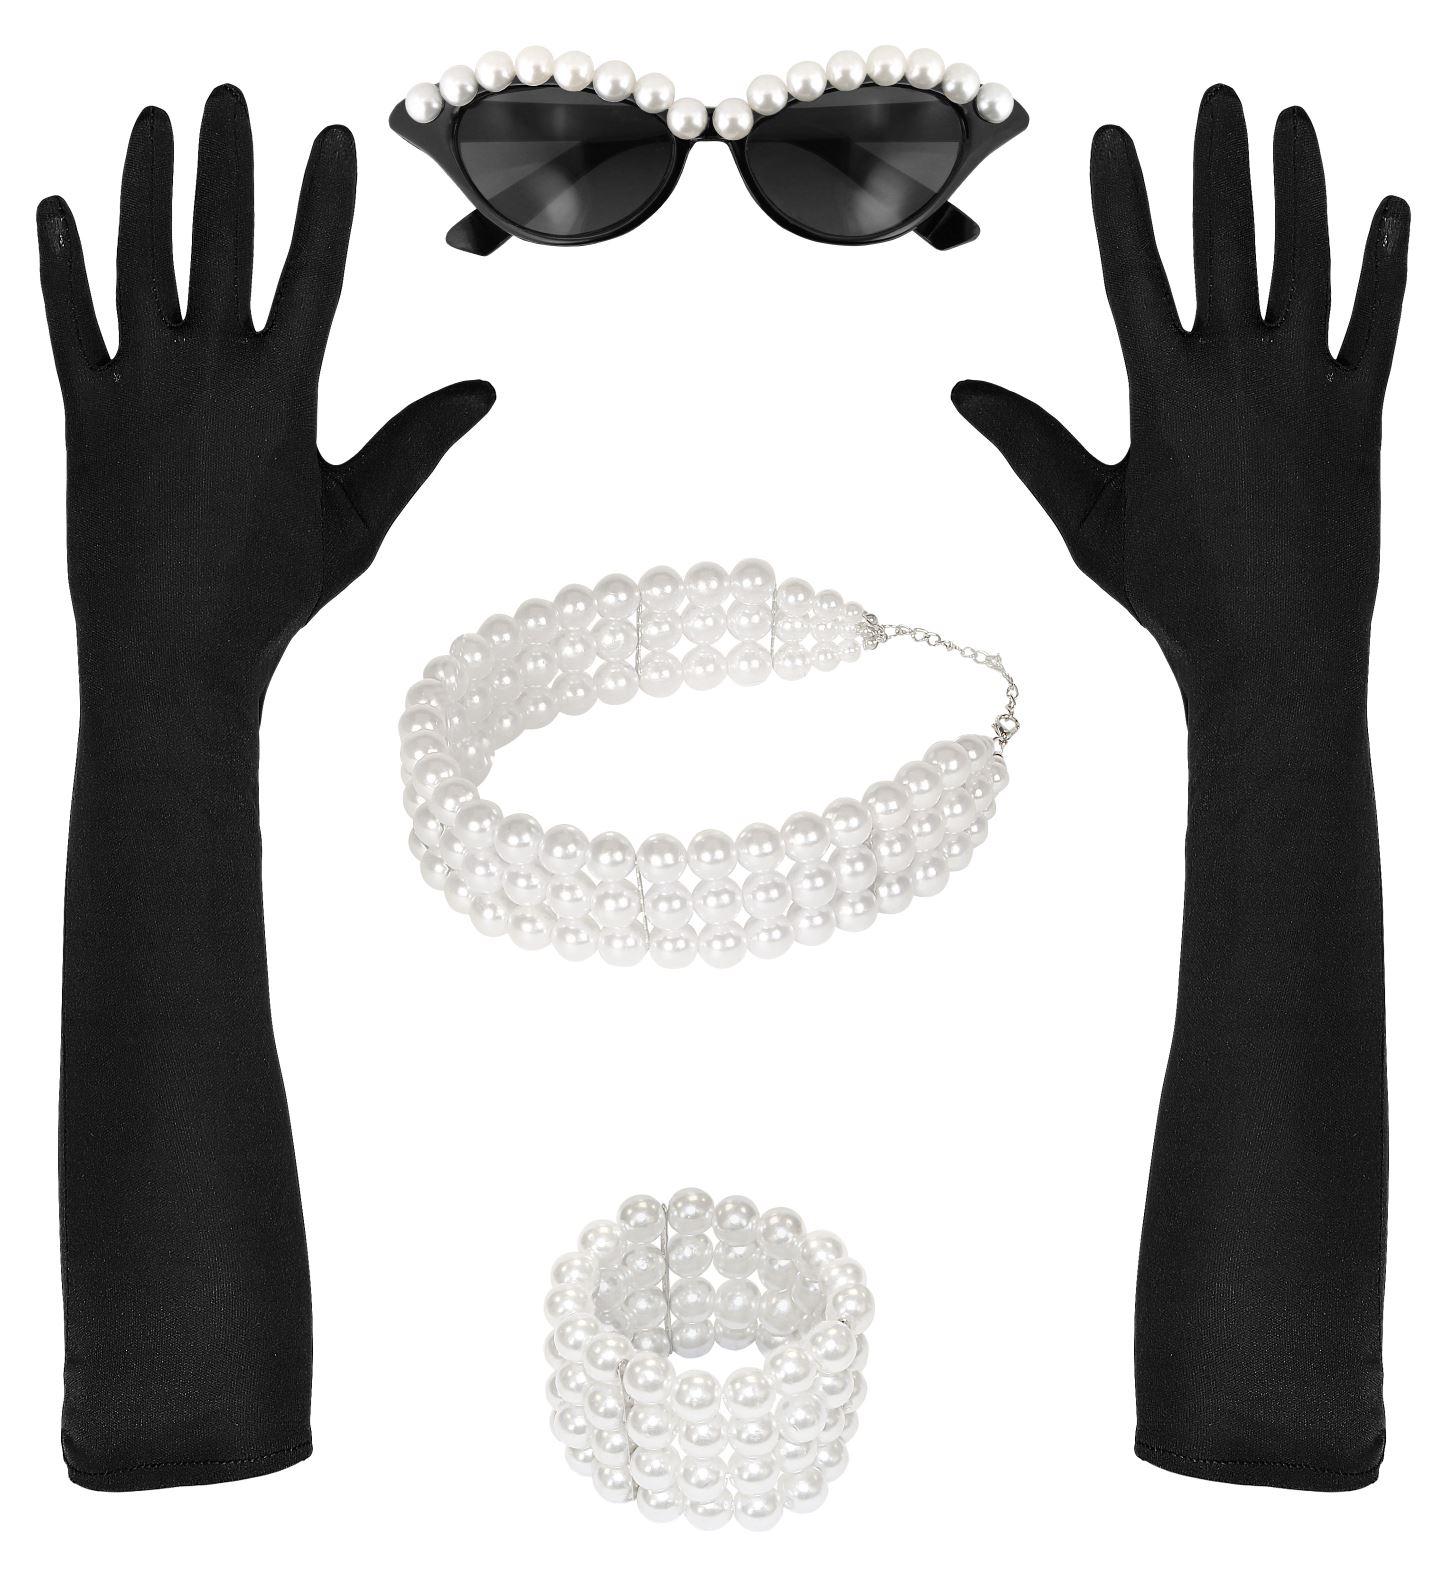 Αποκριάτικο Σέτ (Γάντια,Γυαλιά,Βραχιόλι Και Κολλιέ)